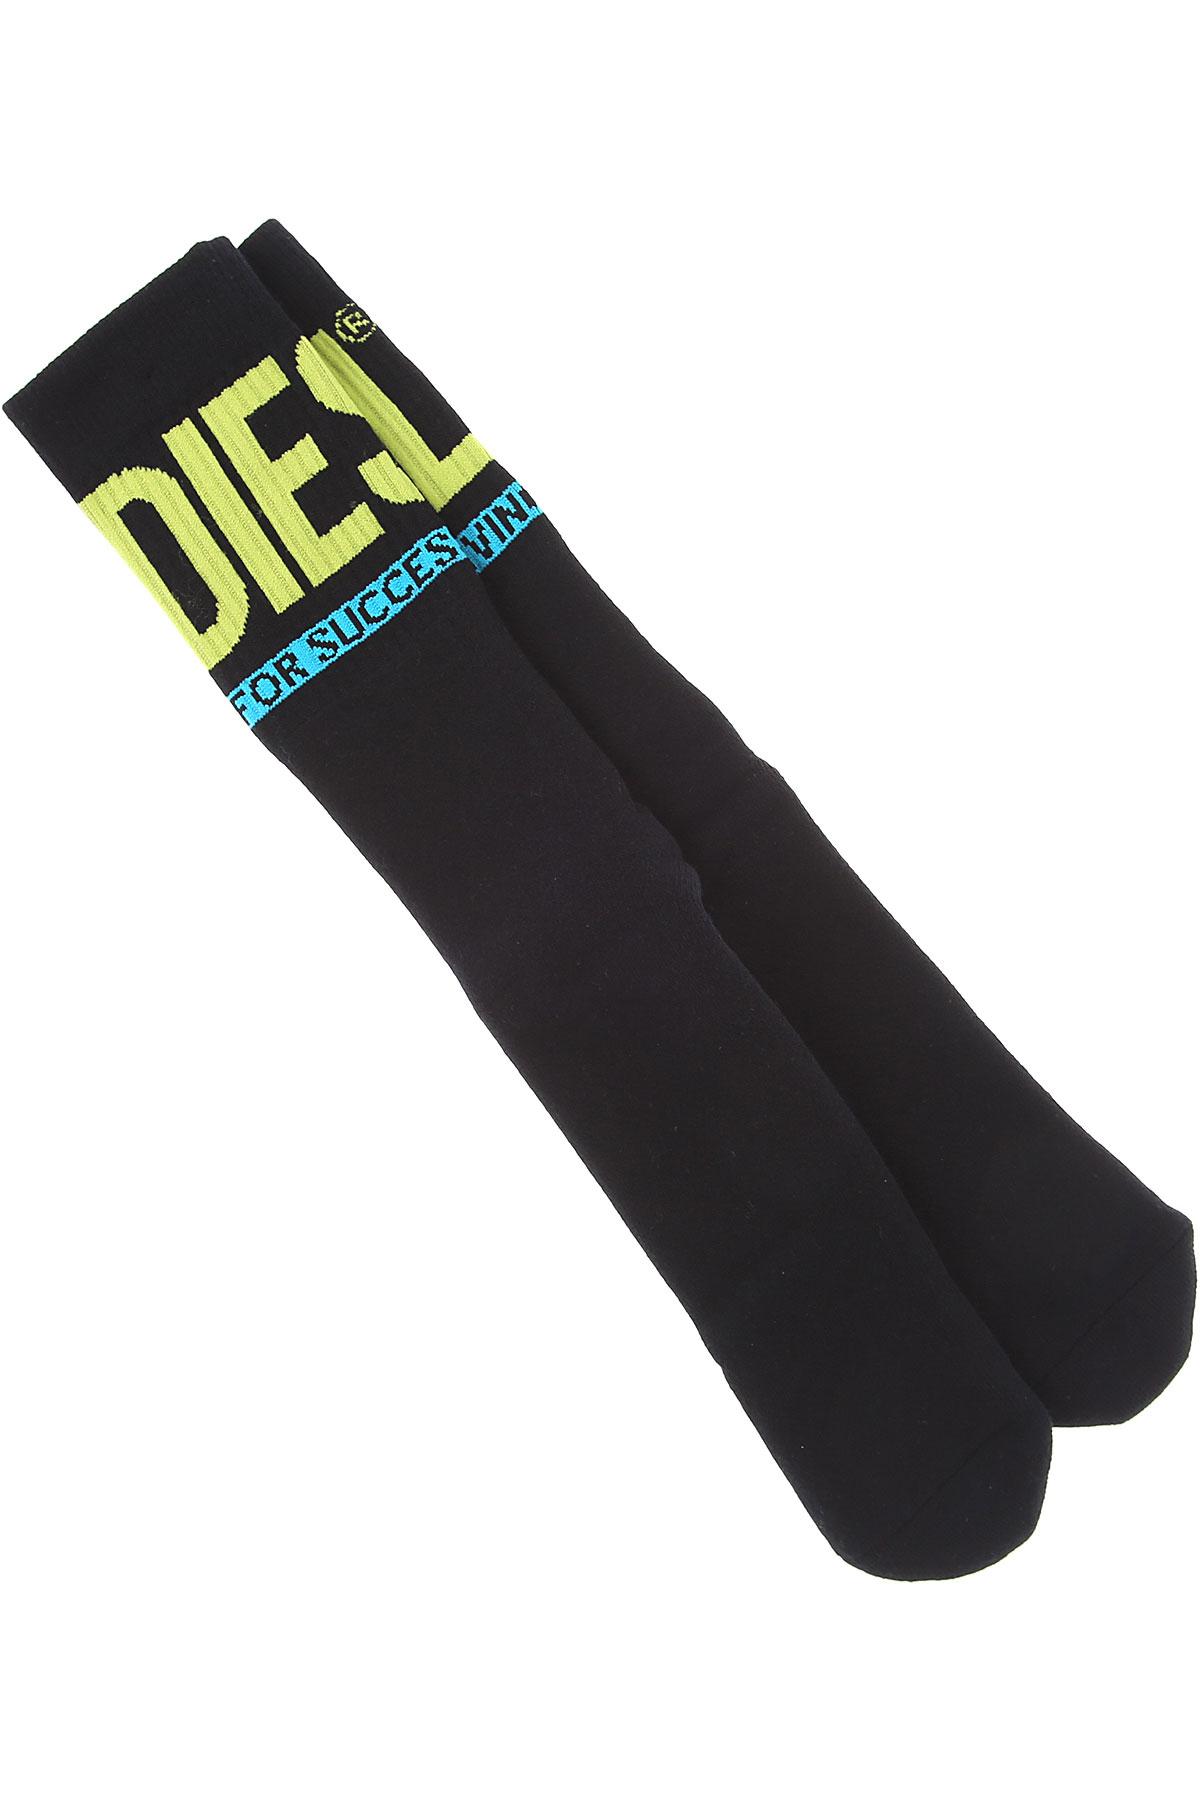 Diesel Socks Socks for Men On Sale in Outlet, Black, Cotton, 2019, M (39 - 42) L (43 - 46)